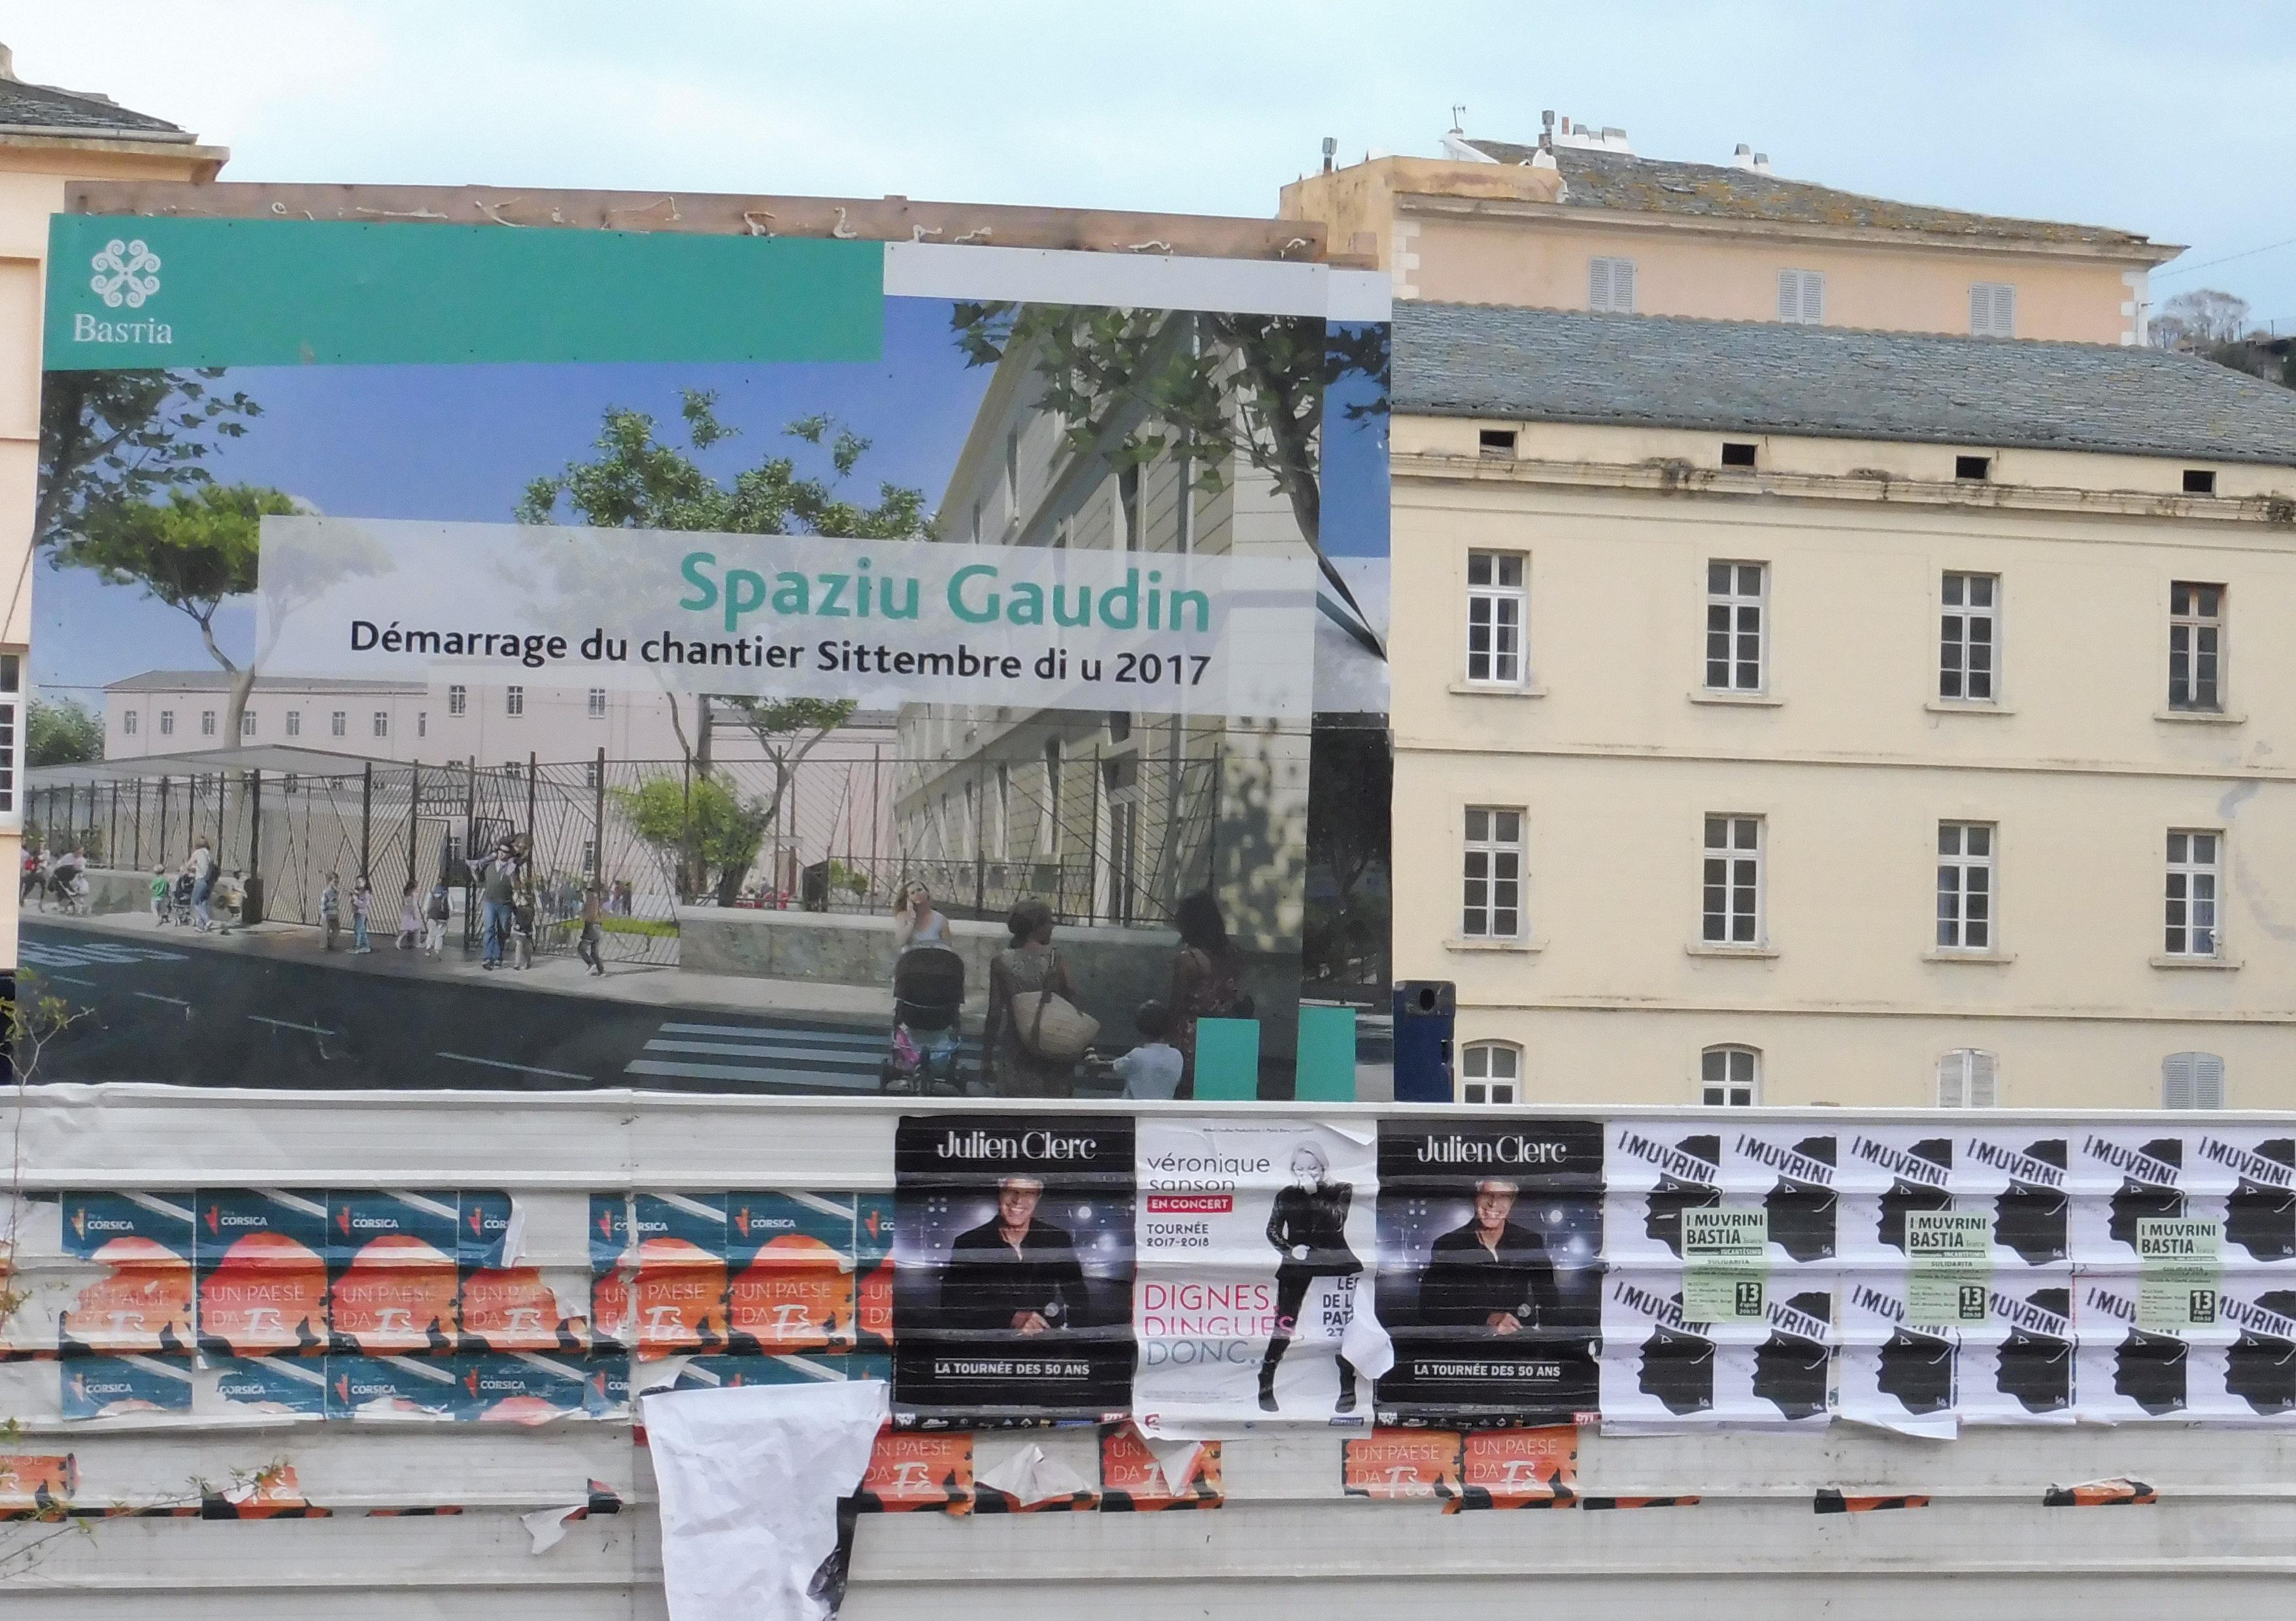 Rénovation du centre ancien de Bastia : Les travaux (et les réflexions) avancent